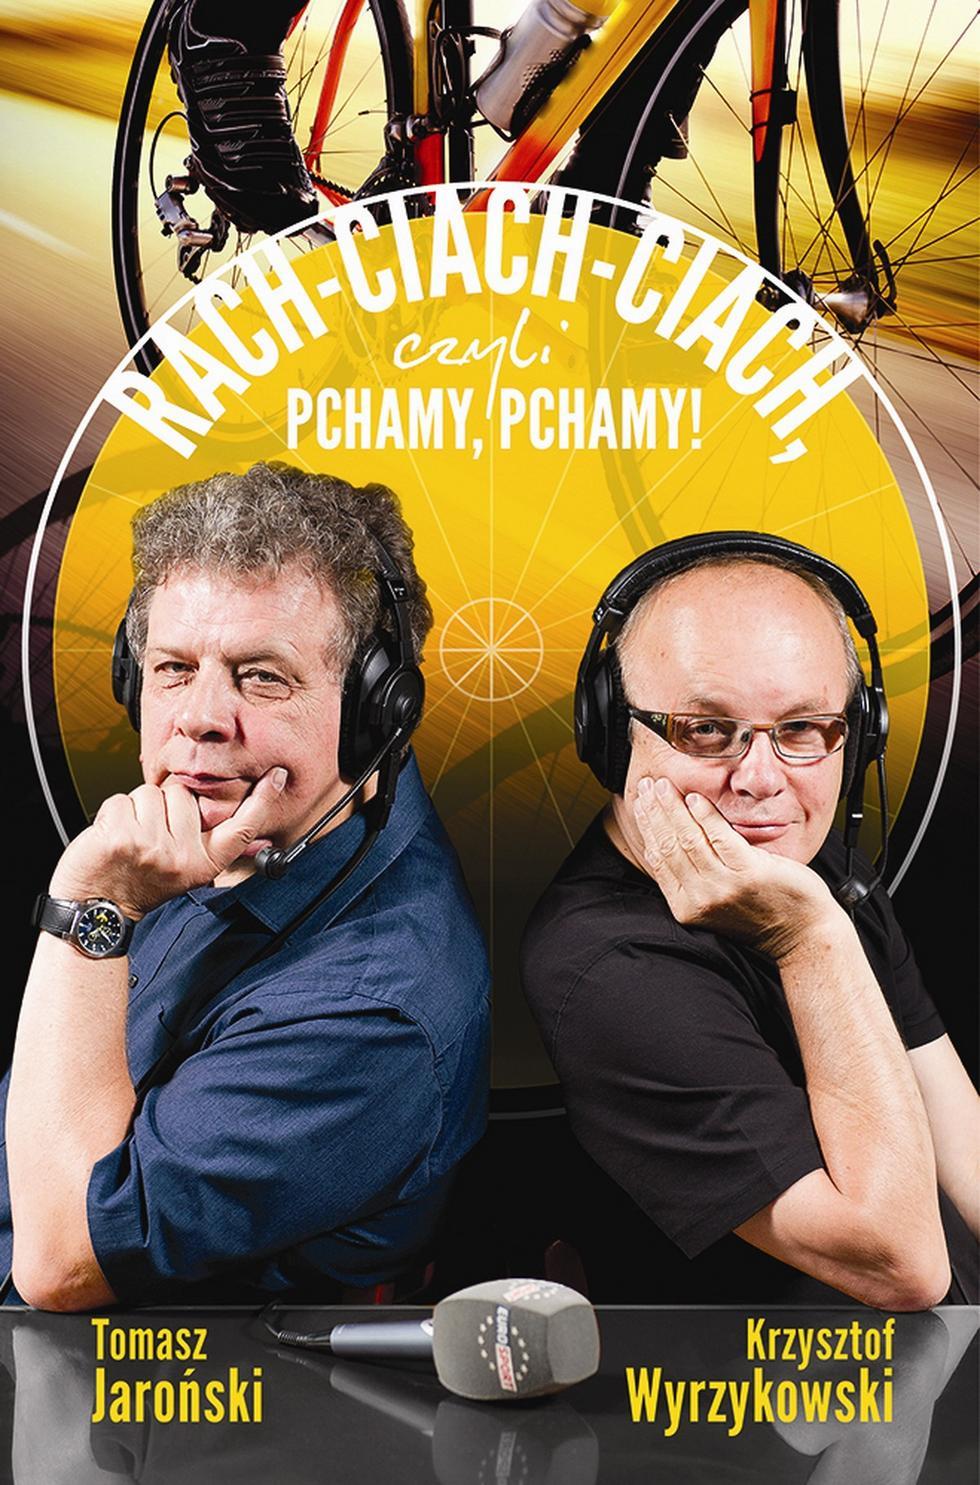 RACH-CIACH-CIACH, czyli PCHAMY, PCHAMY!